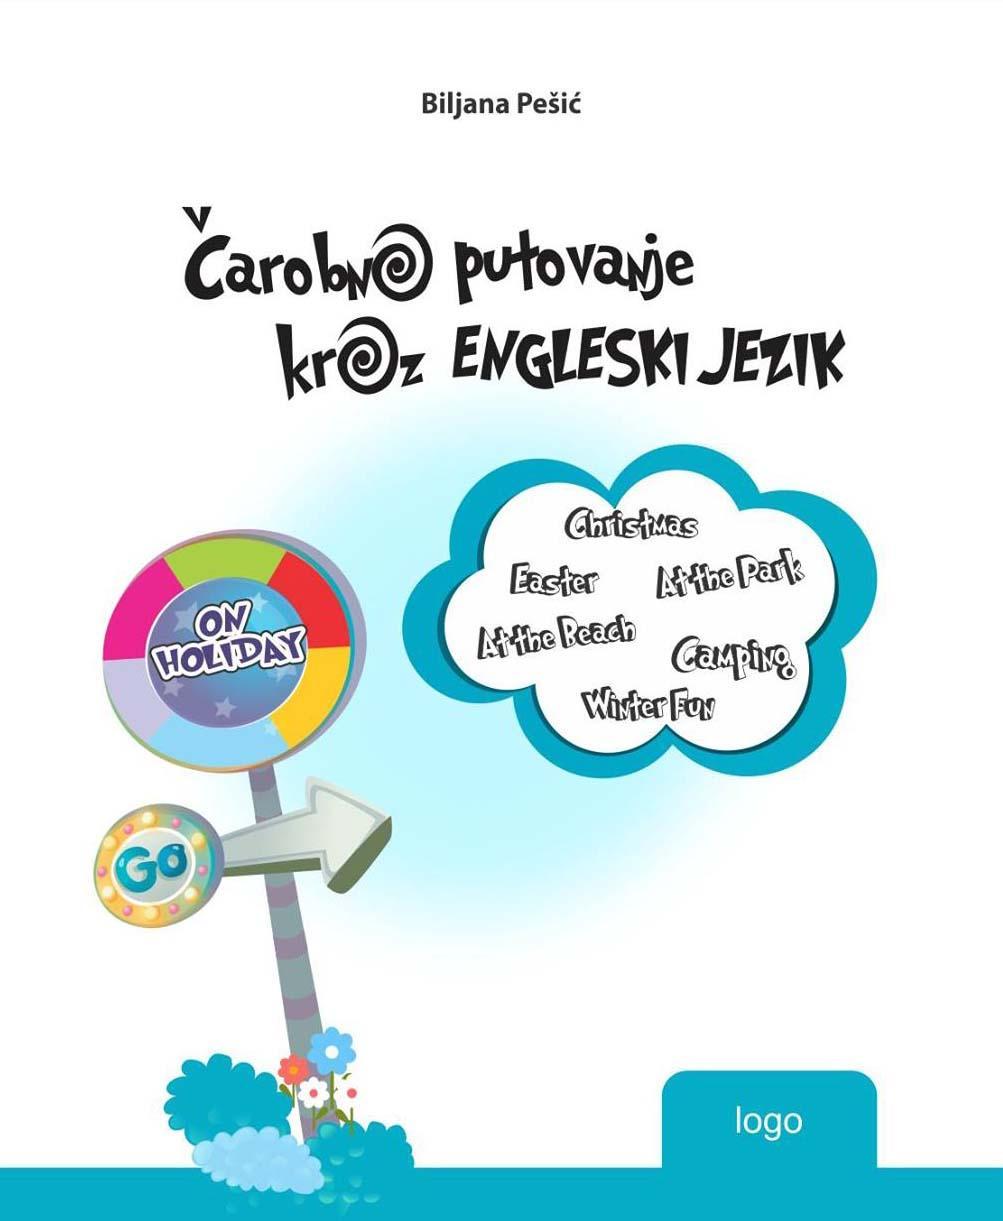 ČAROBNO PUTOVANJE KROZ ENGLESKI JEZIK